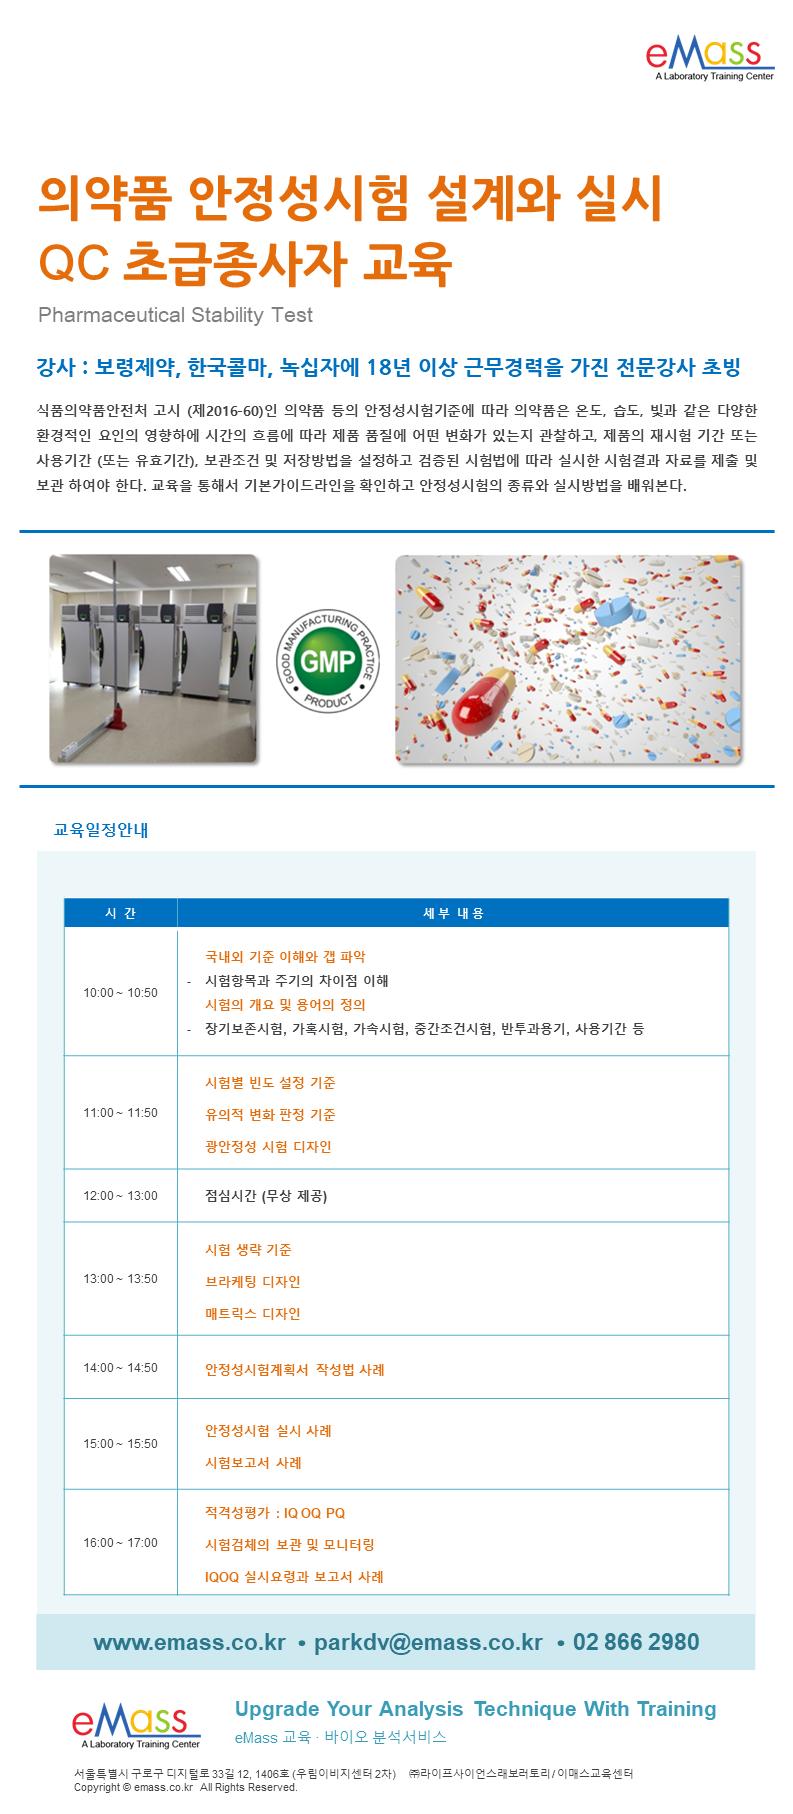 의약품 안정성시험 설계와 실시-QC 초급종사자 교육_1일 과정.png